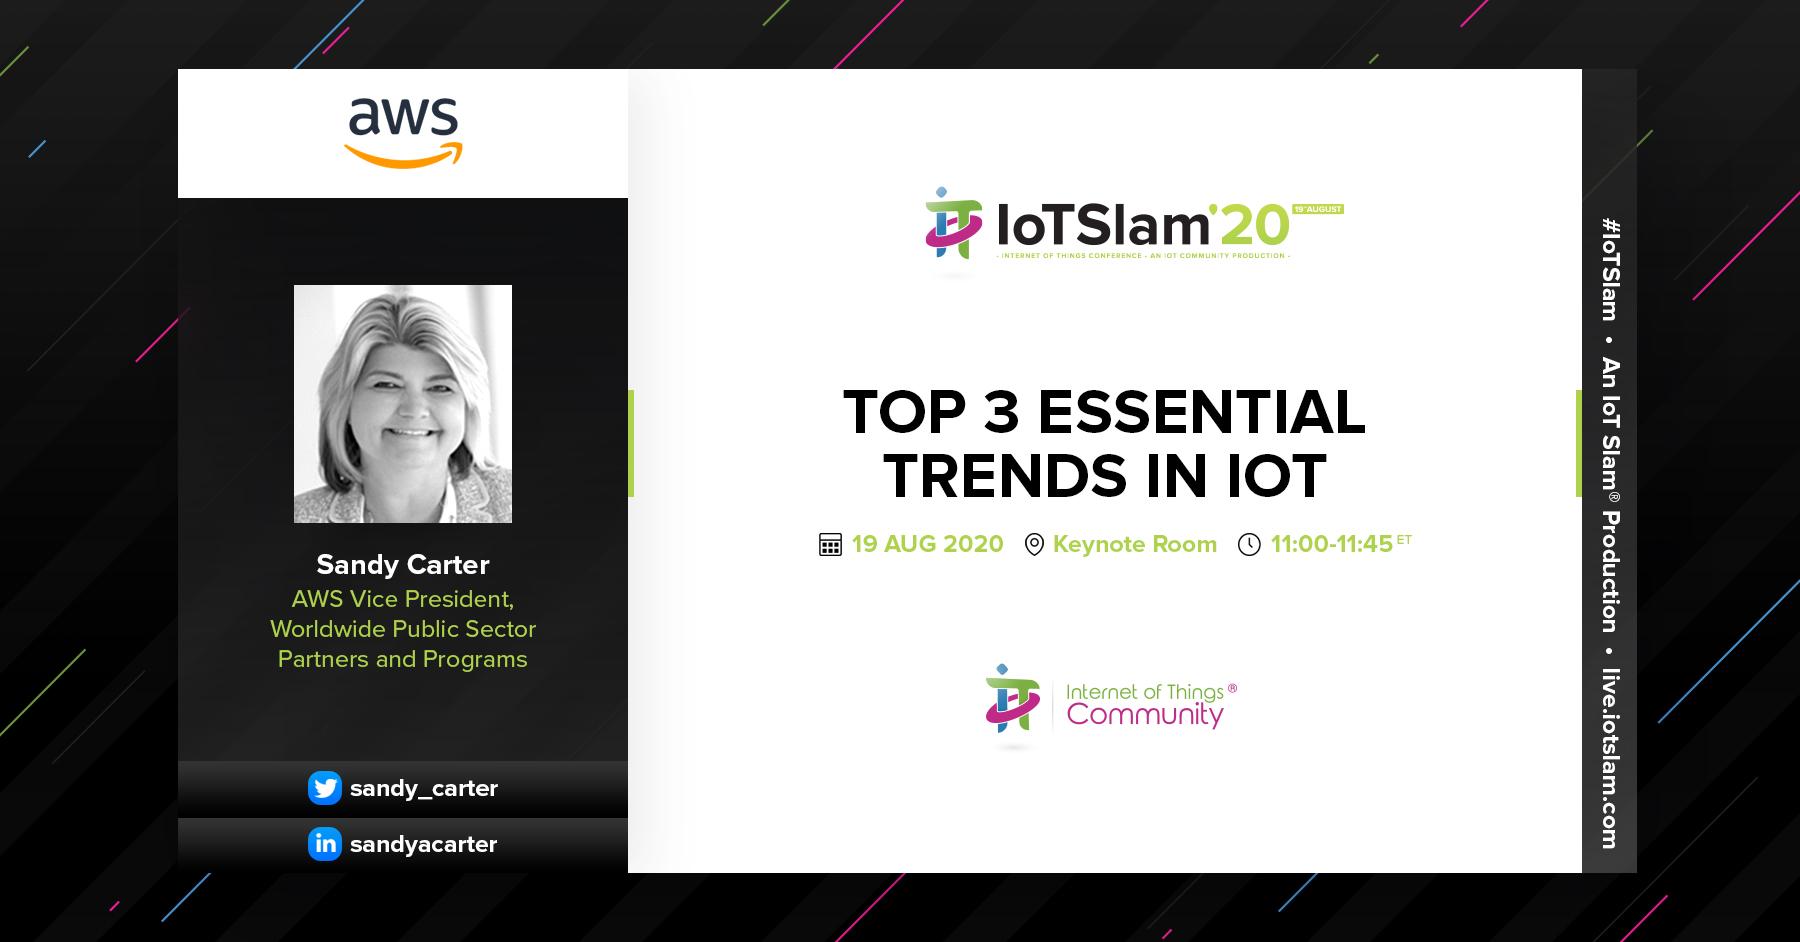 Top 3 essential trends in IoT